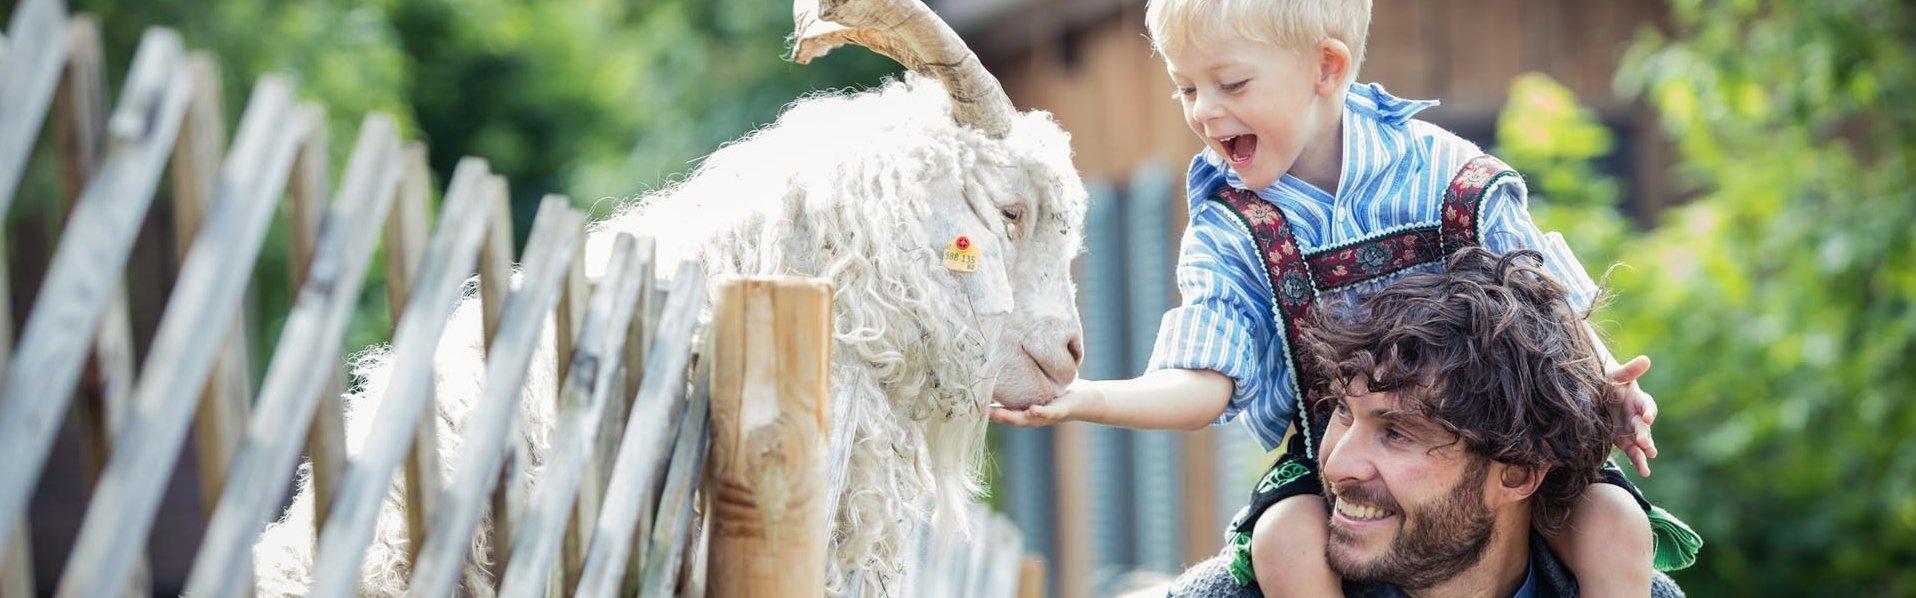 Kind füttert Ziegenbock